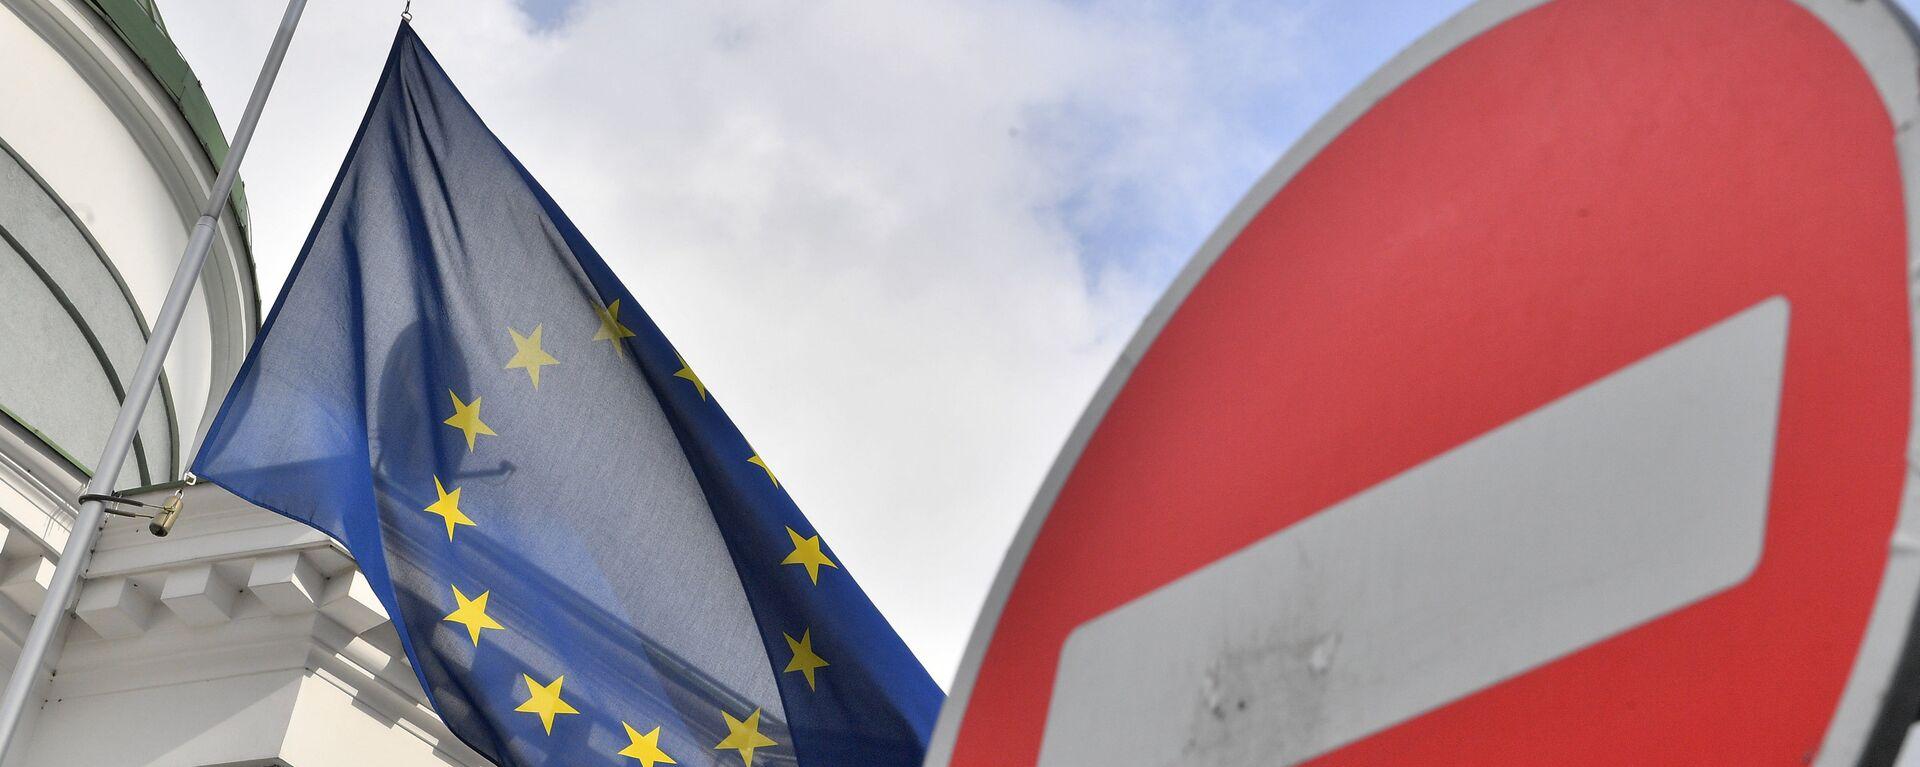 Bandera de la UE - Sputnik Mundo, 1920, 24.05.2021